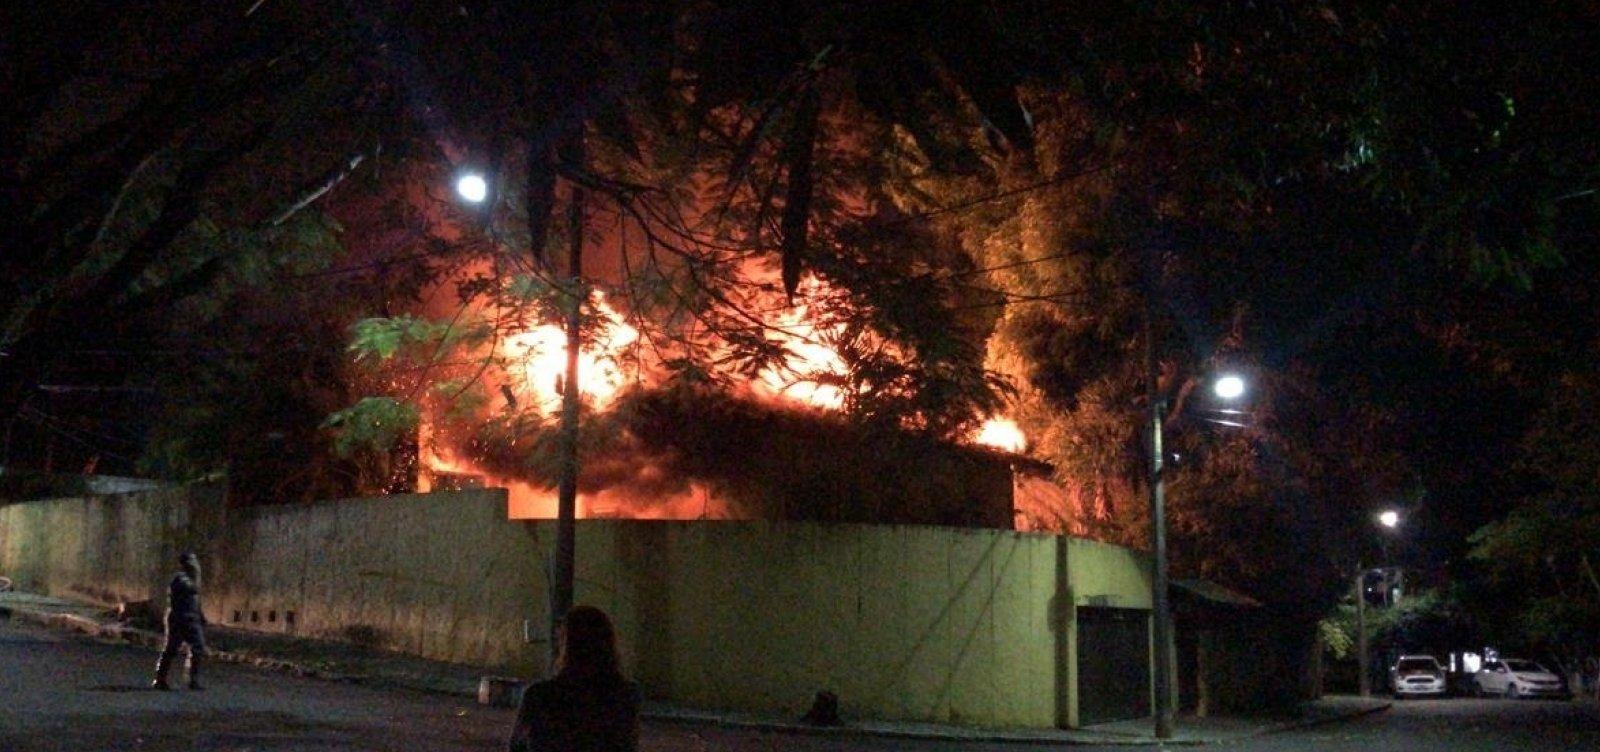 Incêndio atinge área no Horto Florestal; veja vídeo